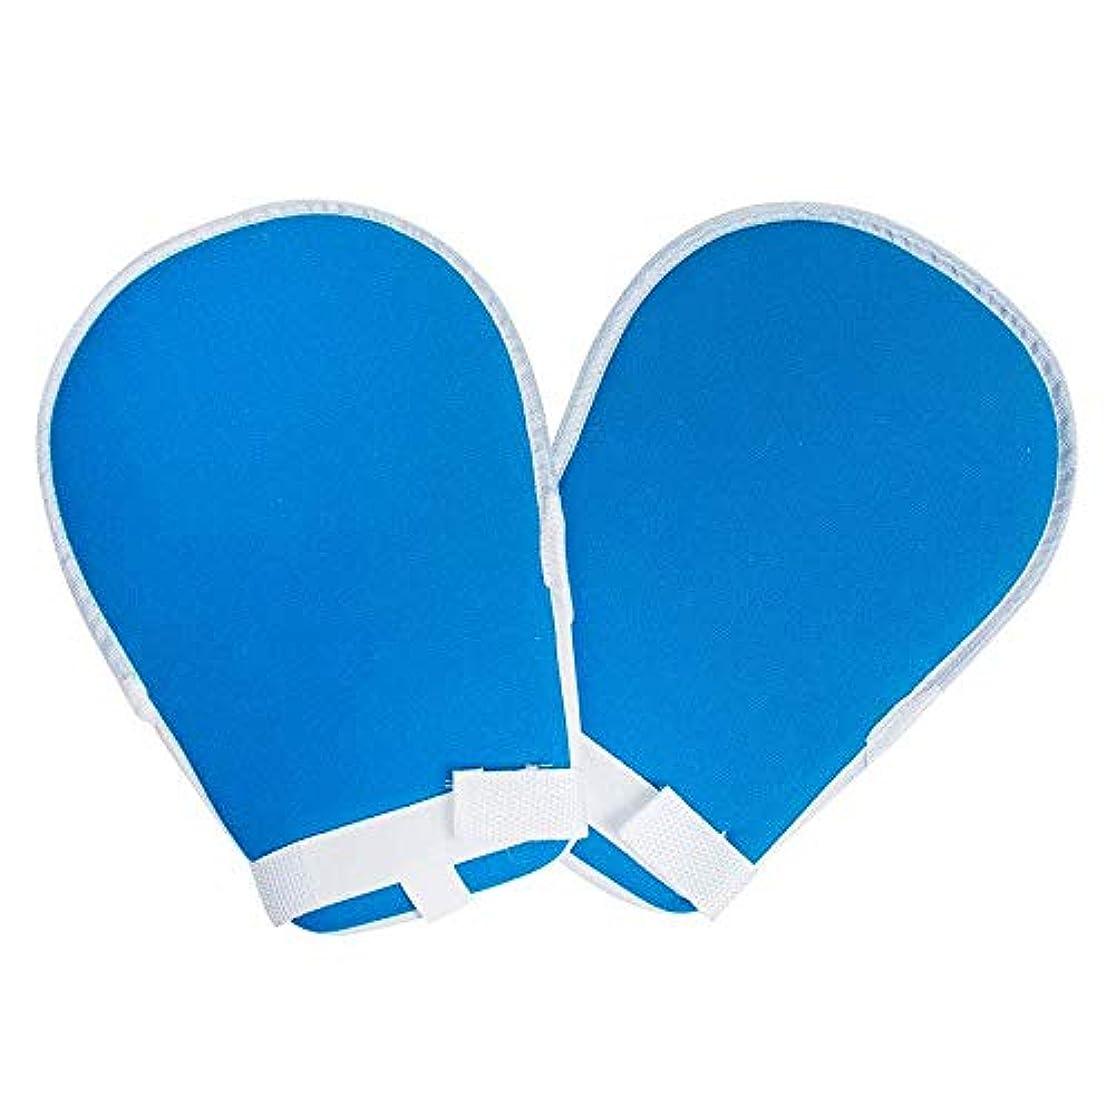 アスレチックインシュレータ石灰岩プロテクターパッド入りフィンガーコントロールミット防止チューブ手防止予防患者の傷自己害患者の手感染指の害固定高齢者